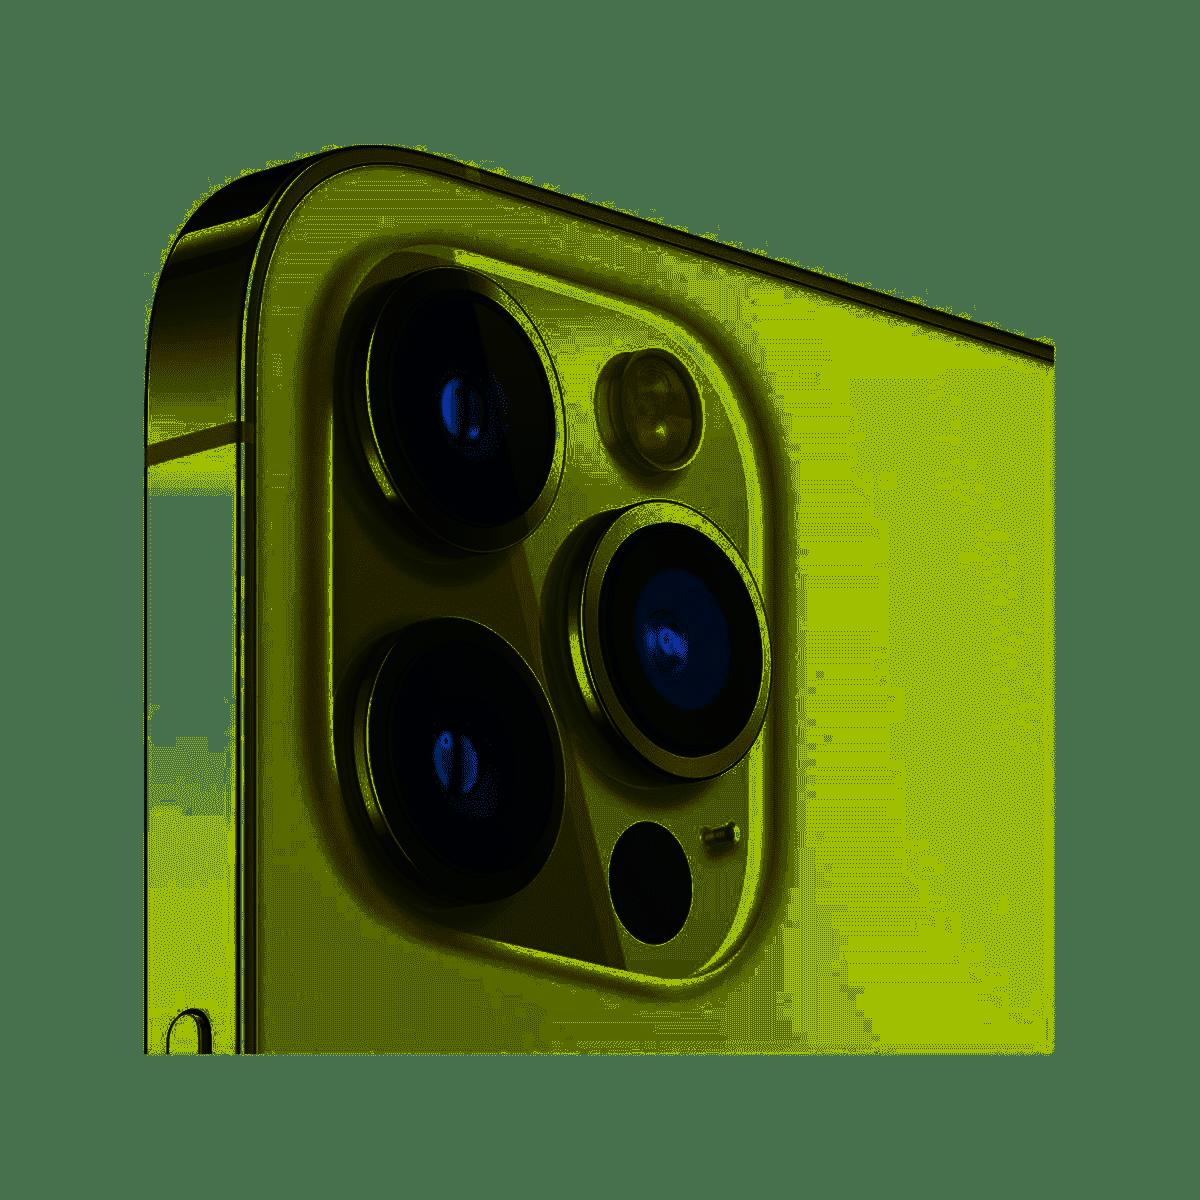 camara iphone 12 pro max 128GB Oro